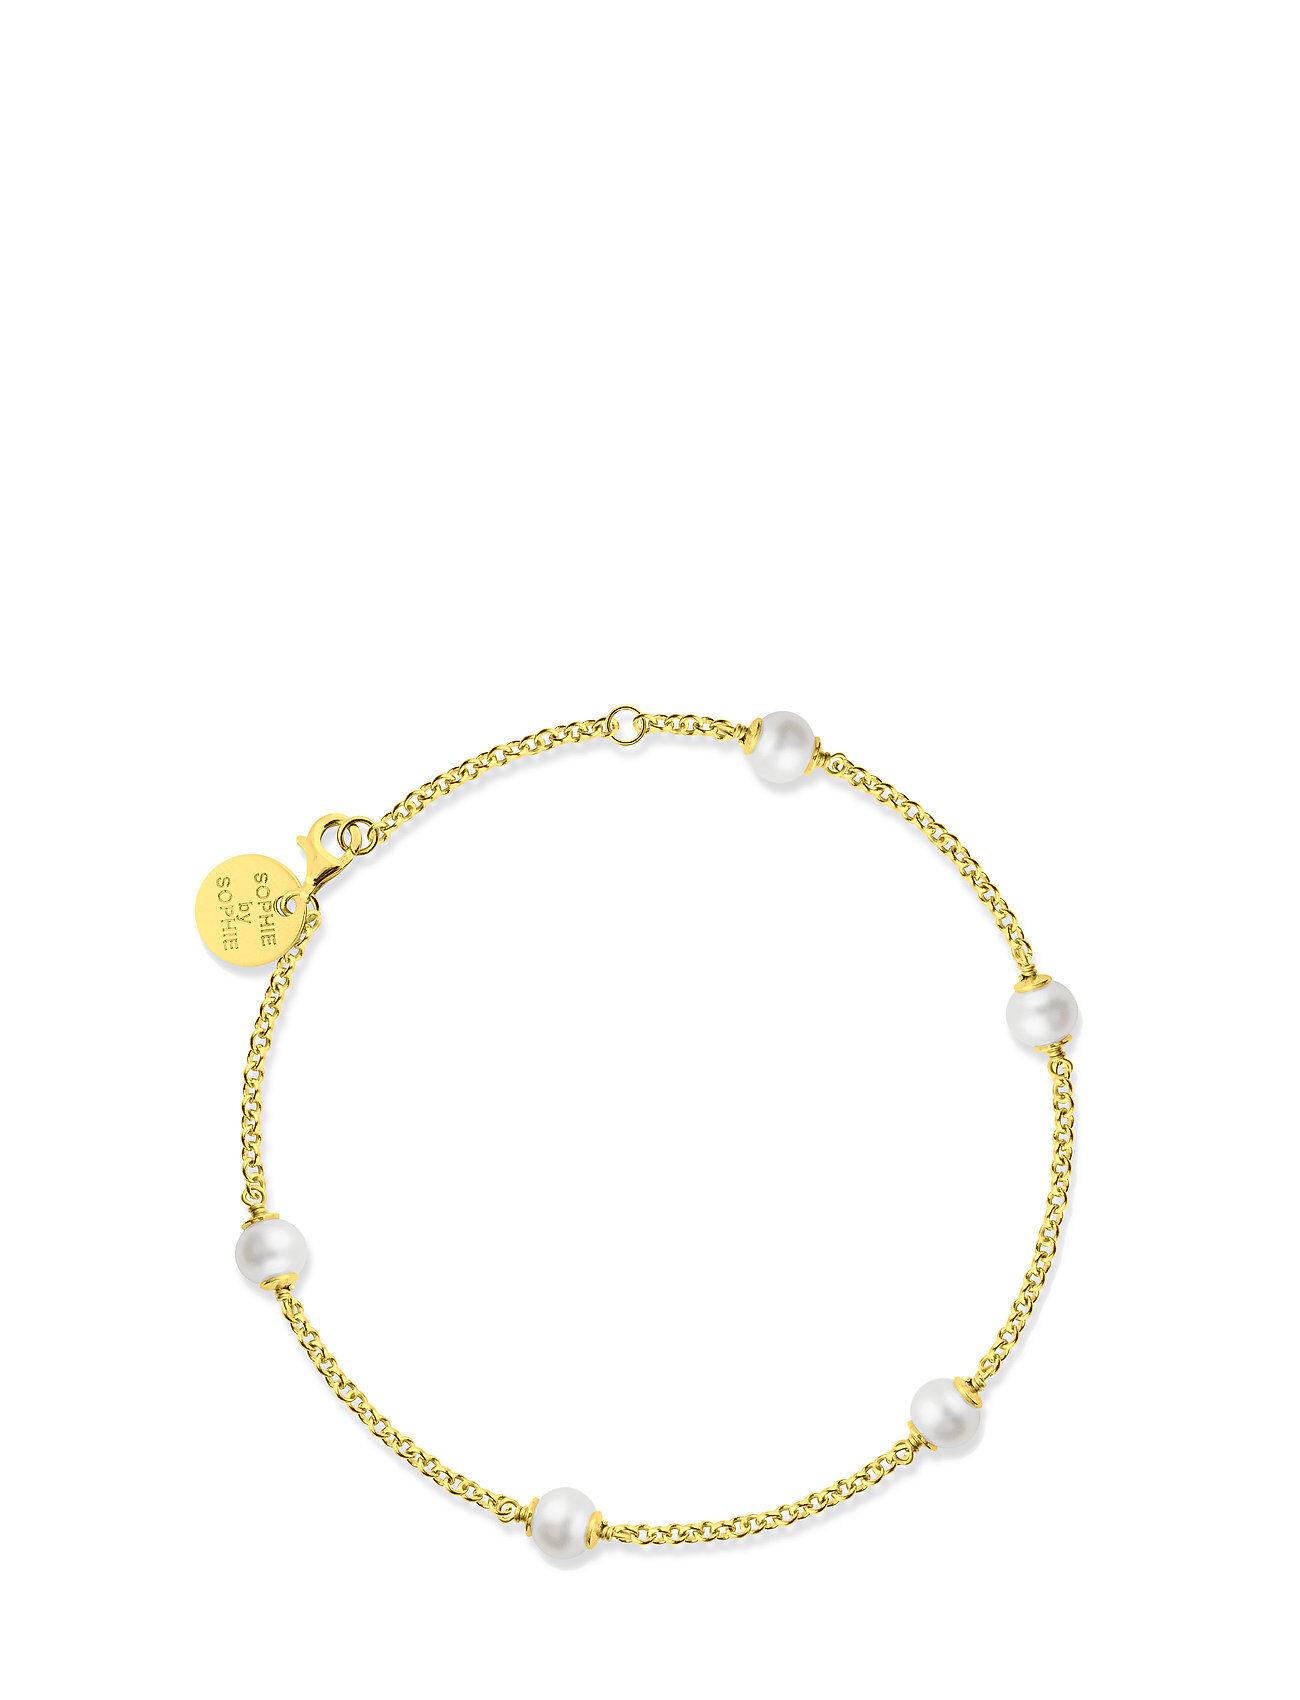 SOPHIE by SOPHIE Funky Pearl Bracelet Accessories Jewellery Bracelets Chain Bracelets Kulta SOPHIE By SOPHIE